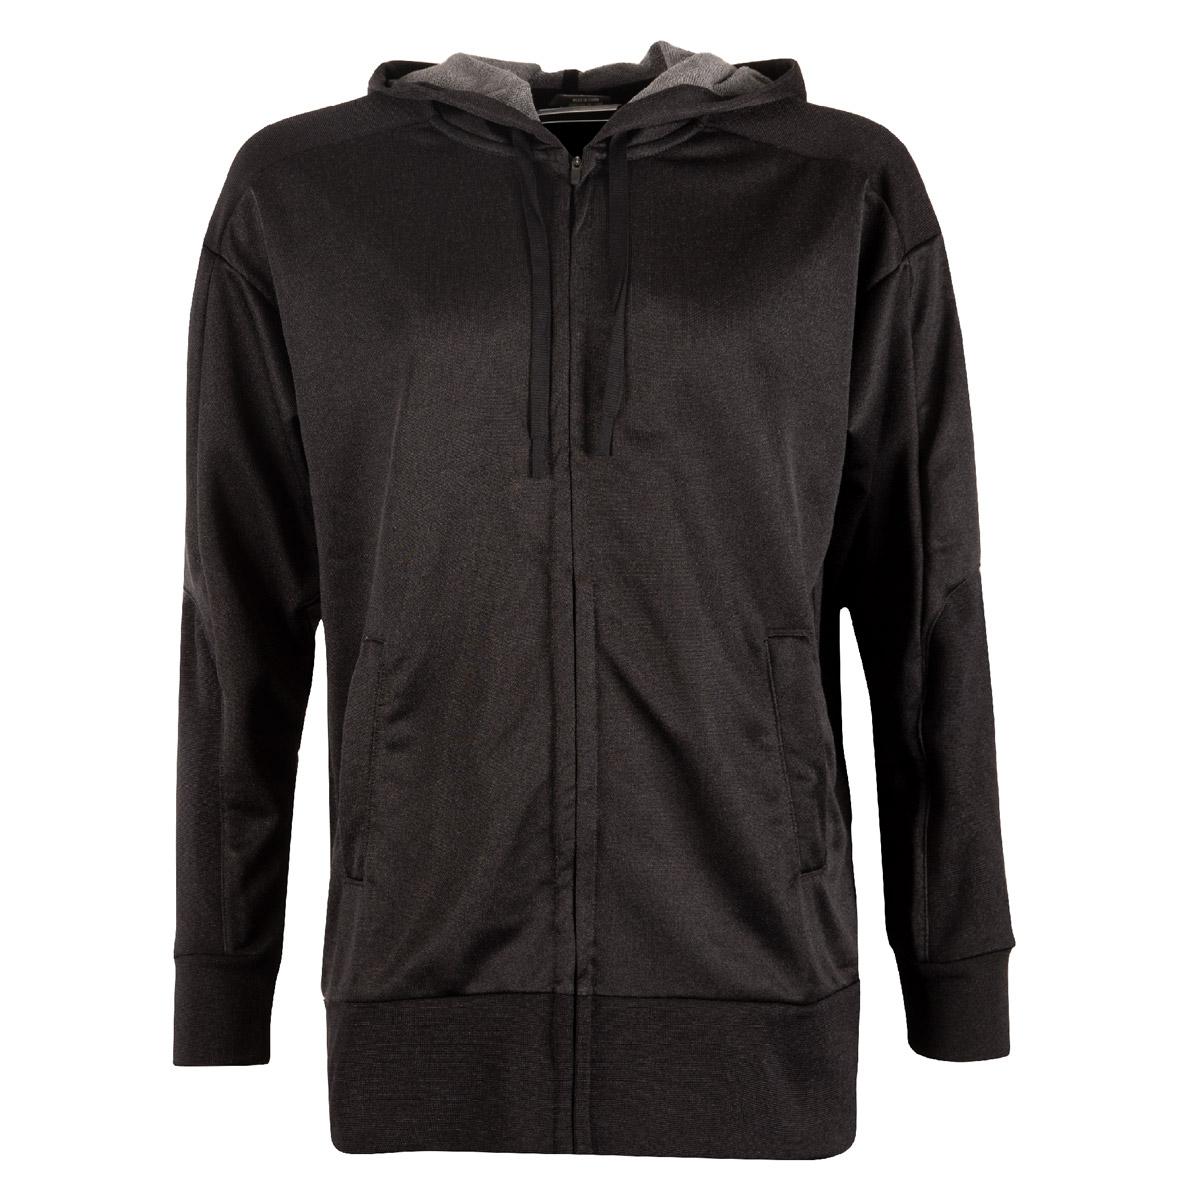 feee6ec02184 Nike Womens Dri-Fit Full Zip Hoodie Black - Front